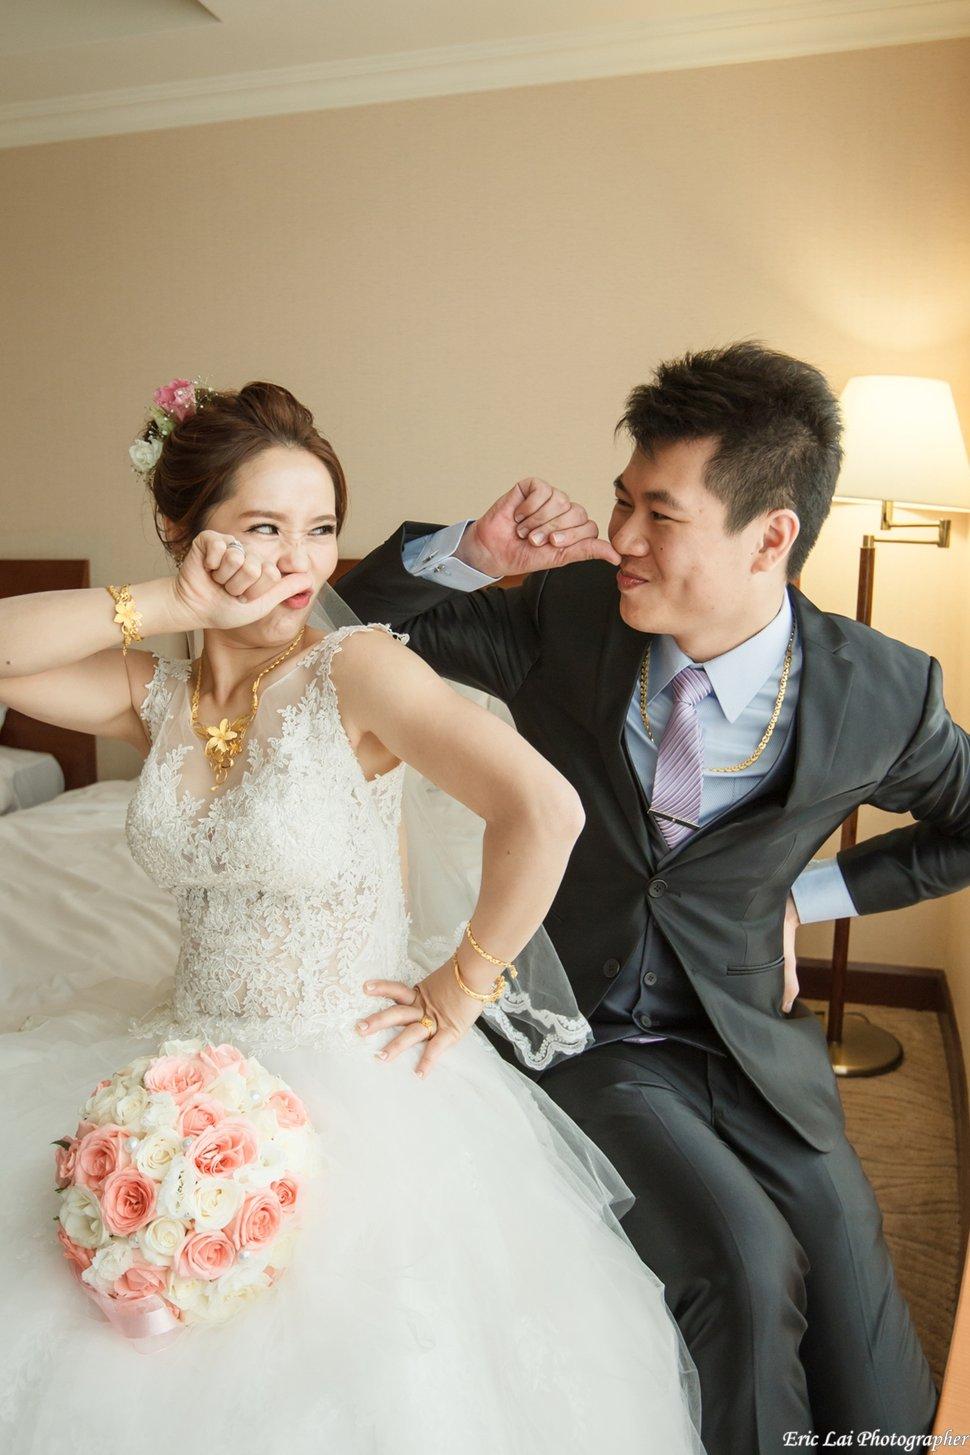 結婚儀式+喜宴 桃園囍宴軒(編號:400313) - Eric Lai攝影工作室 - 結婚吧